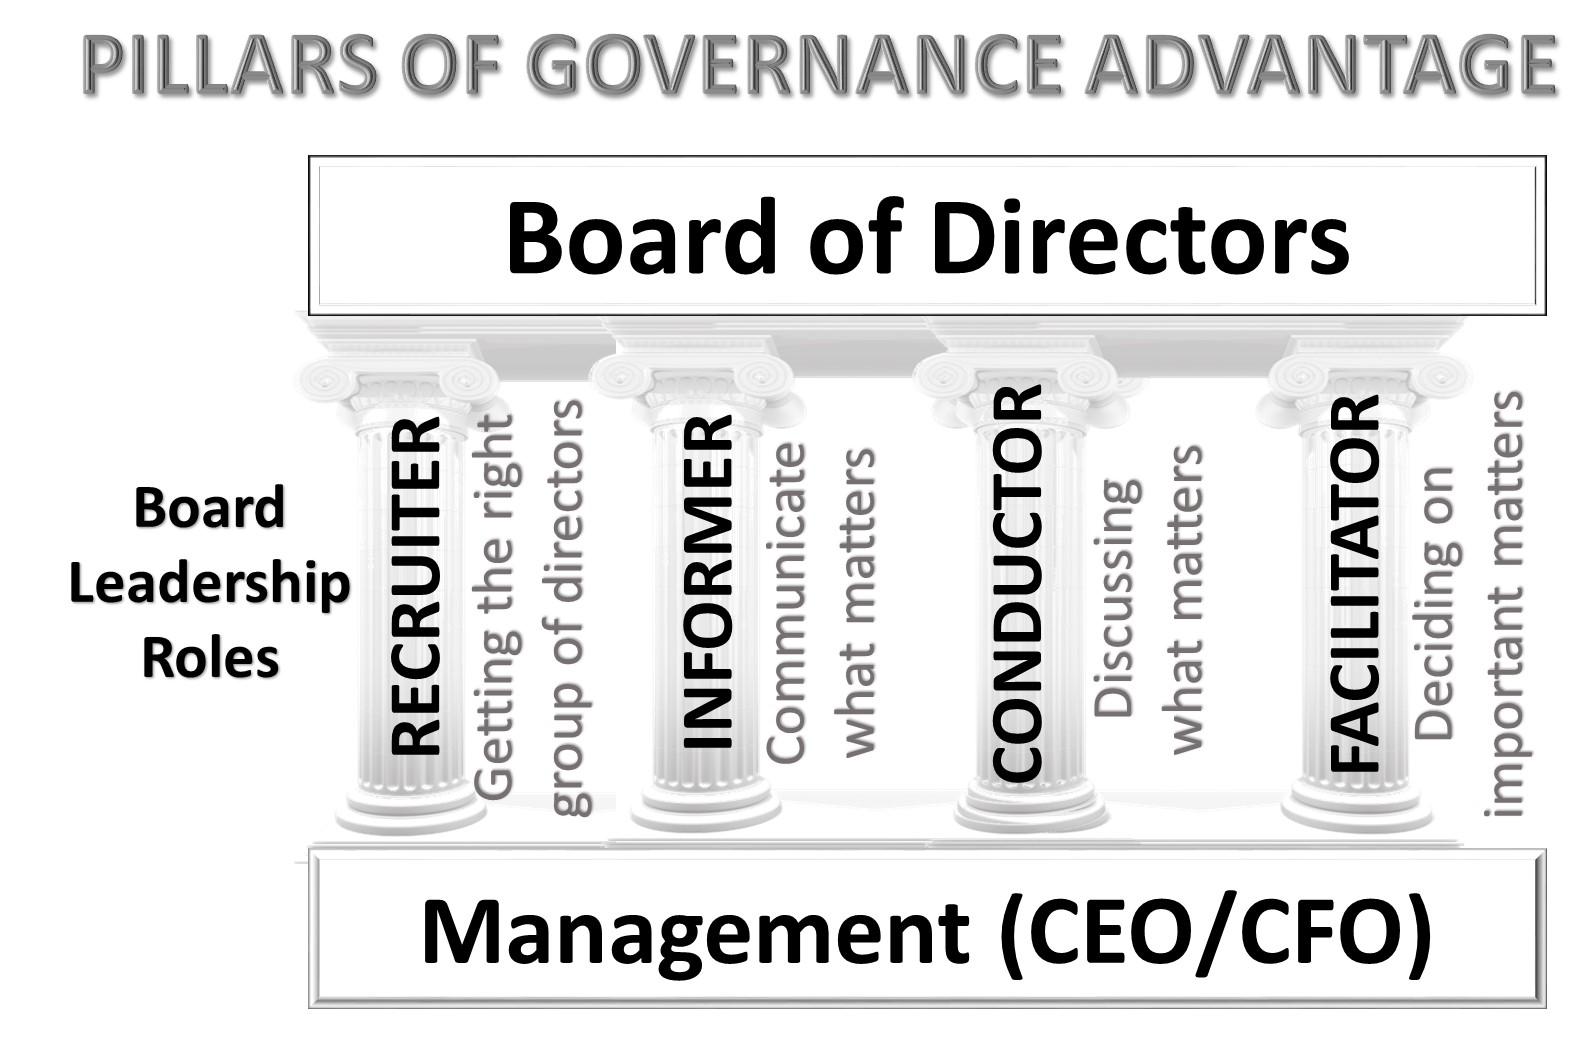 Pillars of governance